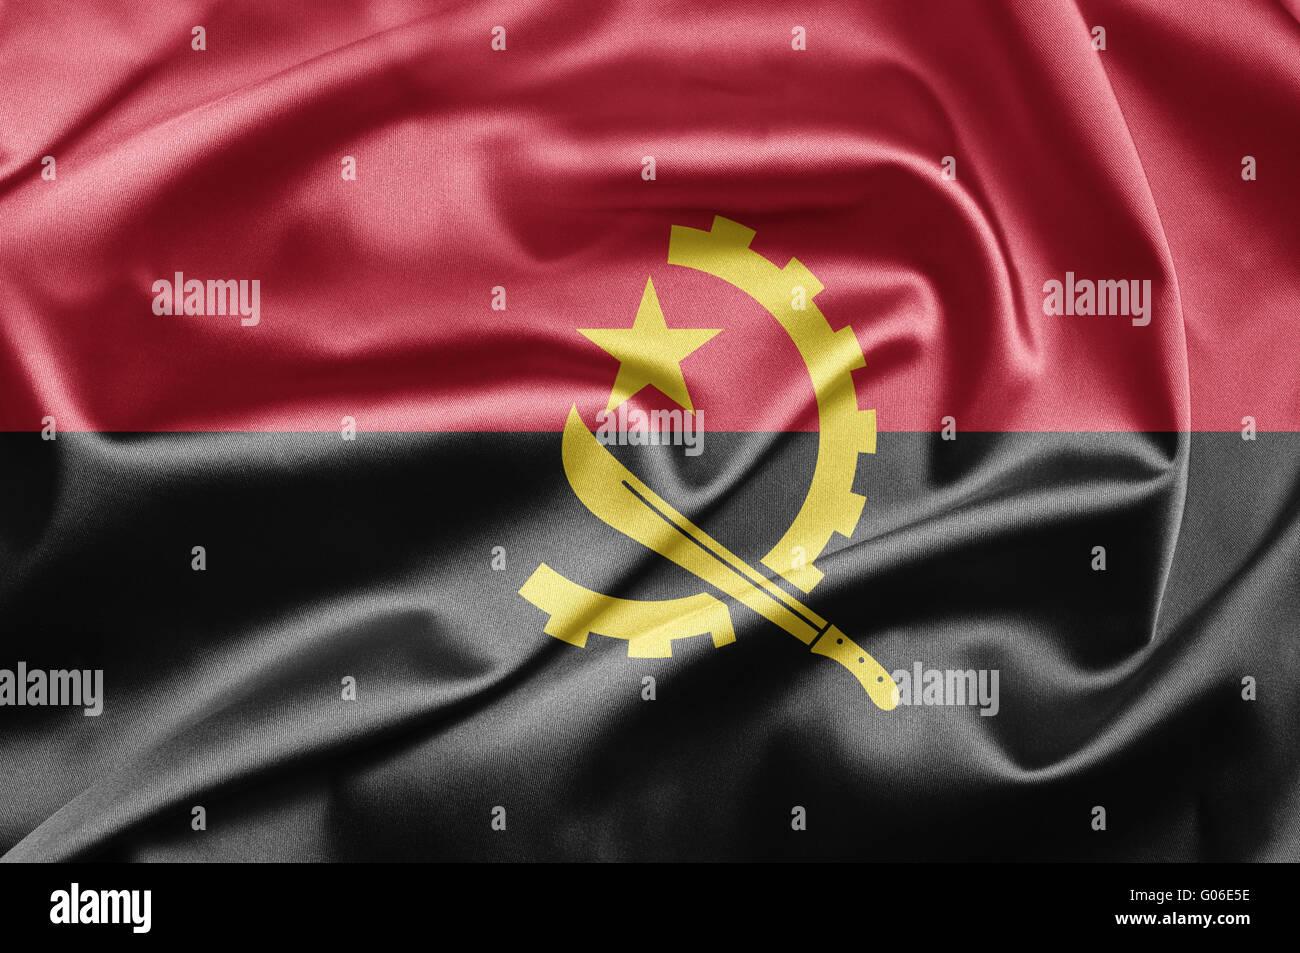 Flag of Angola - Stock Image